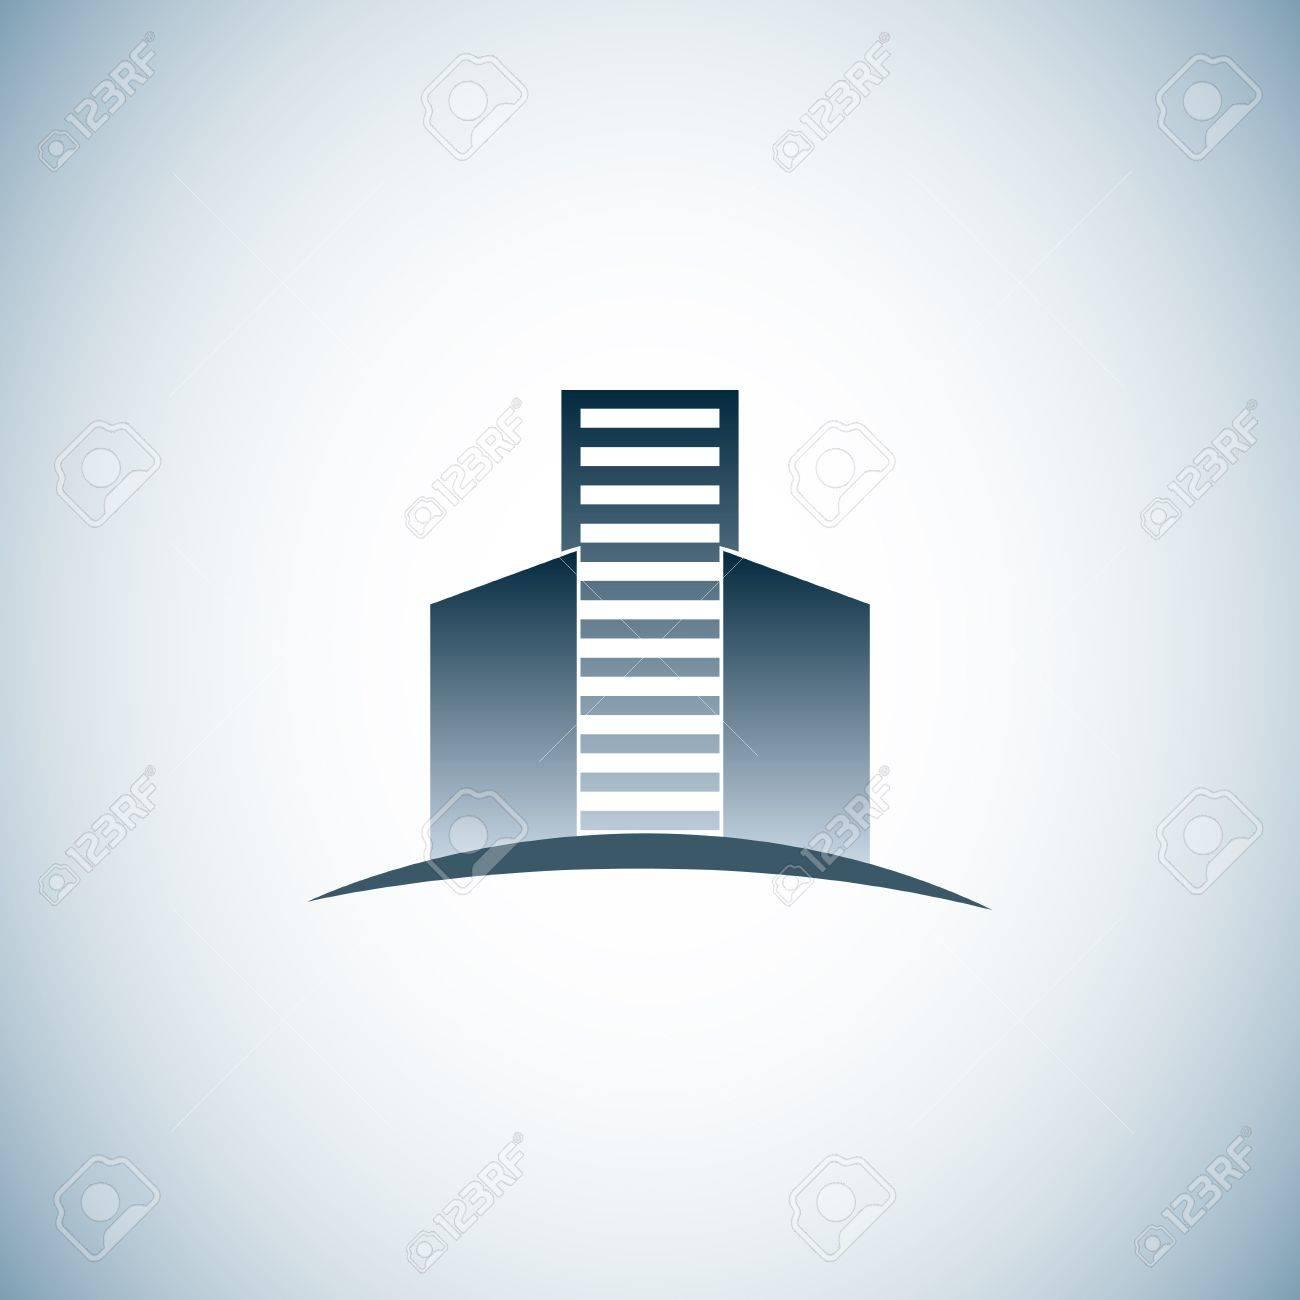 Real estate logo Stock Vector - 18775717